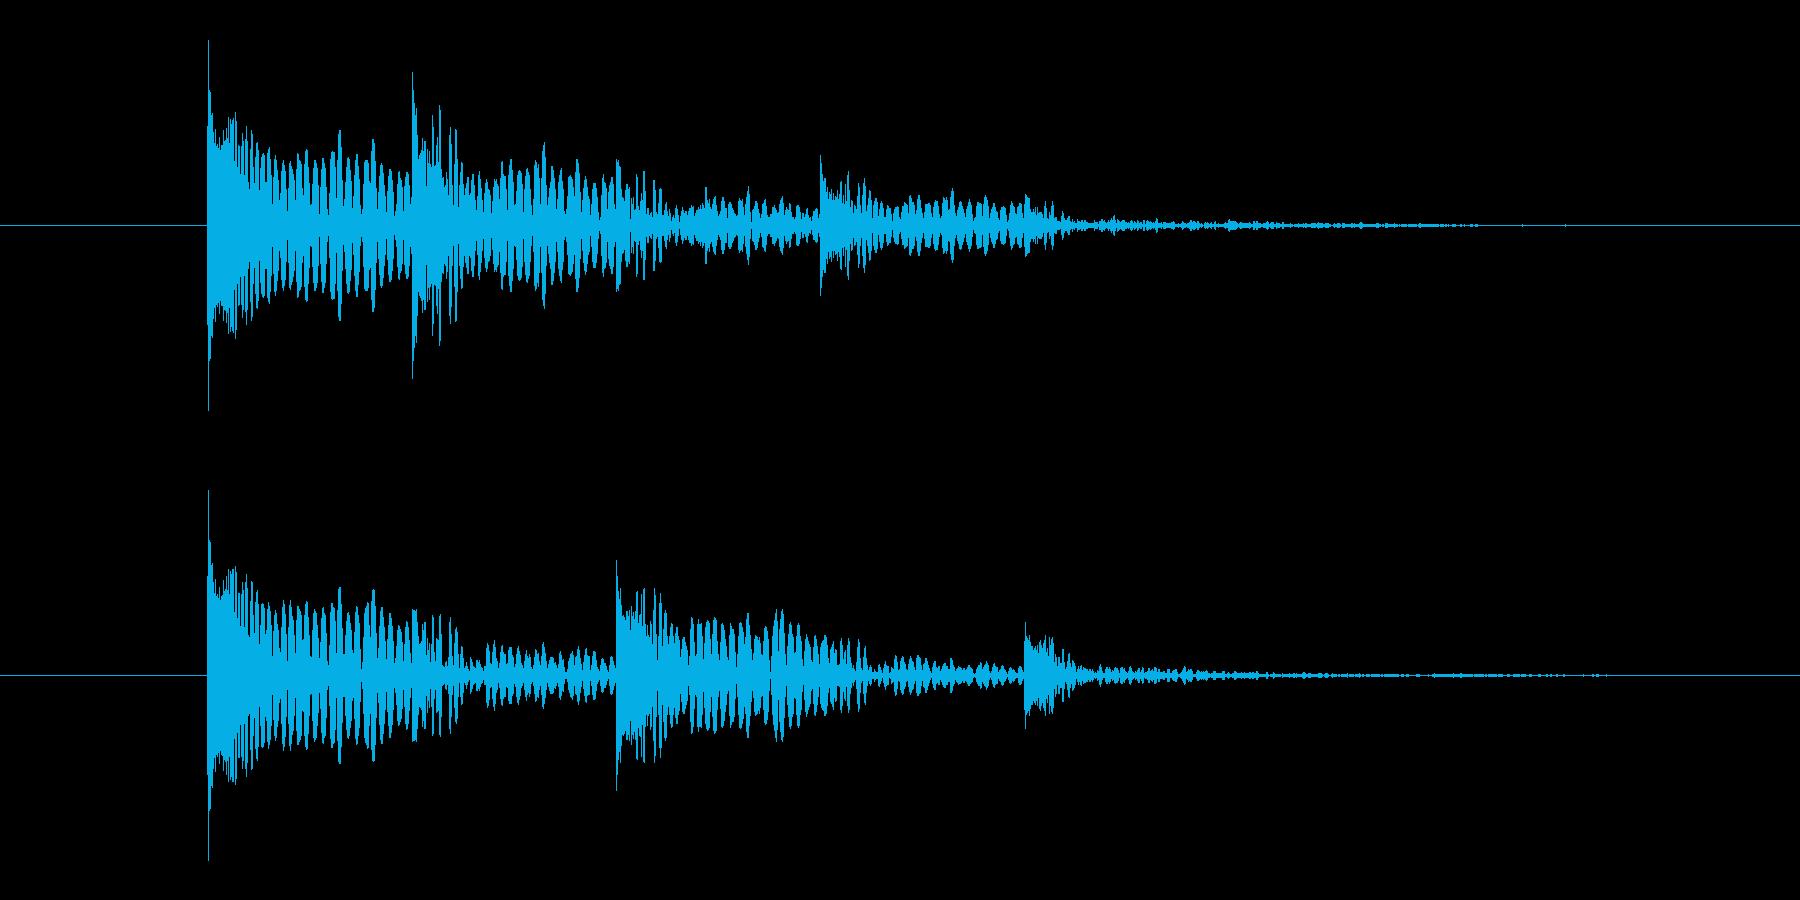 ドンドンと左右に残響が広がる音の再生済みの波形